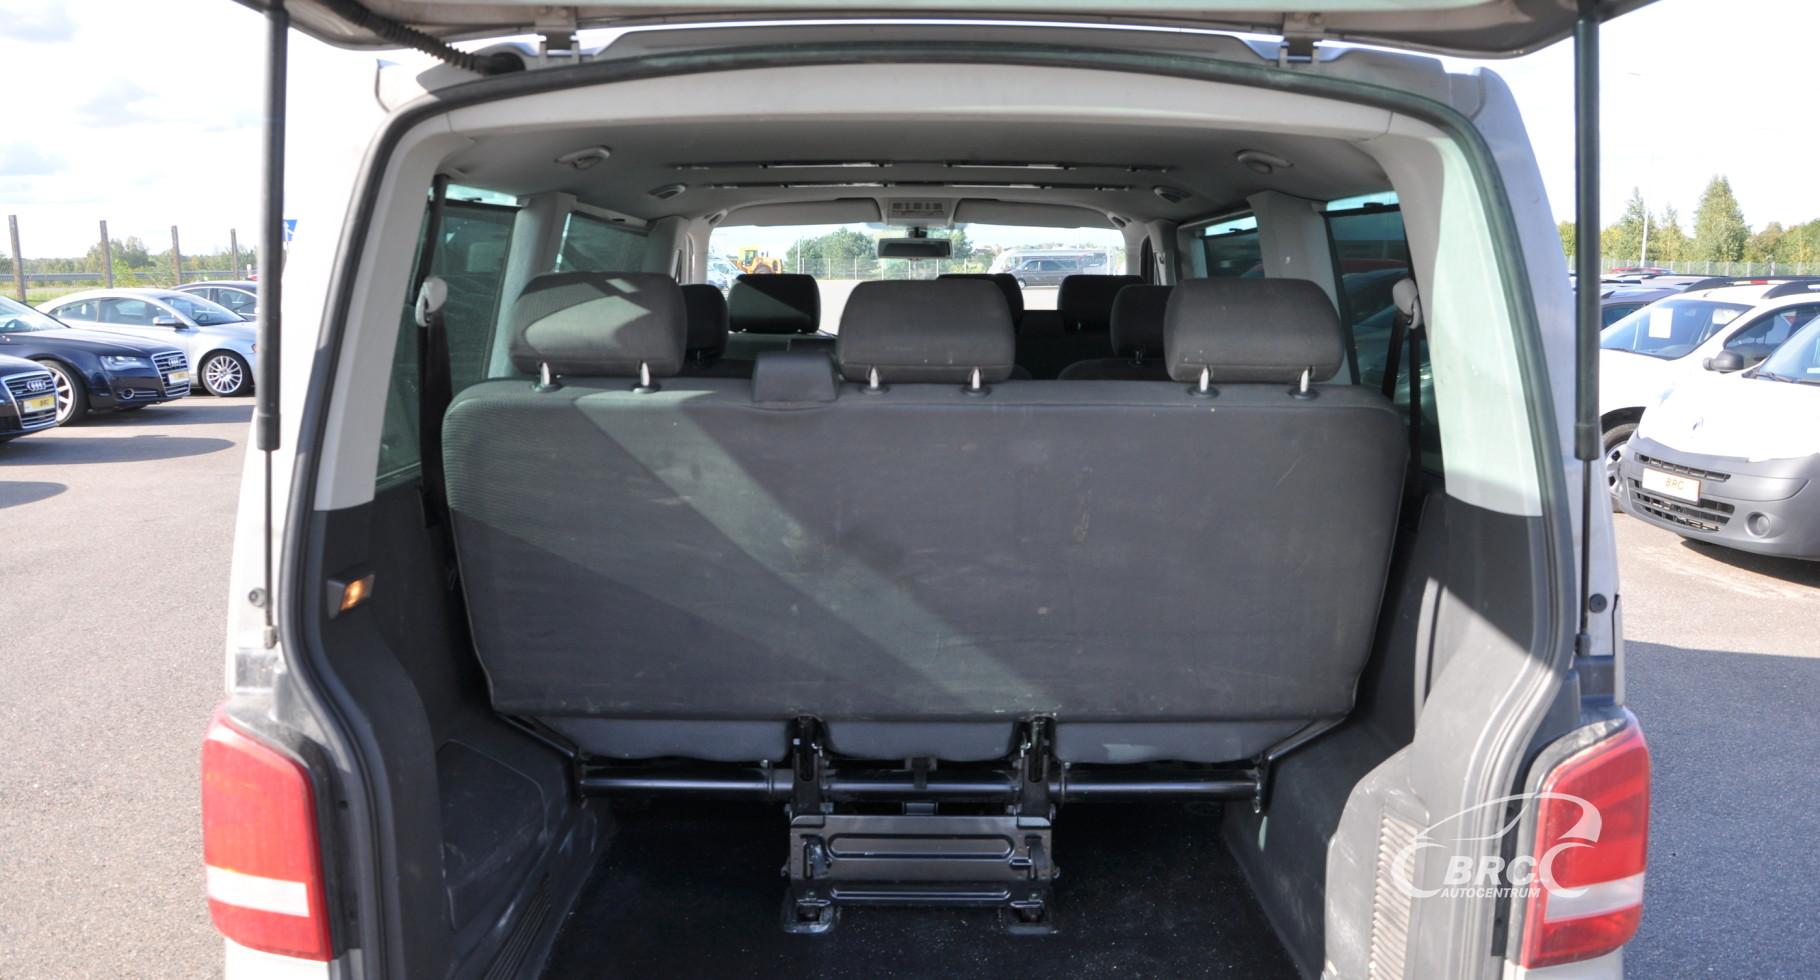 Volkswagen Caravelle TDI Comfort